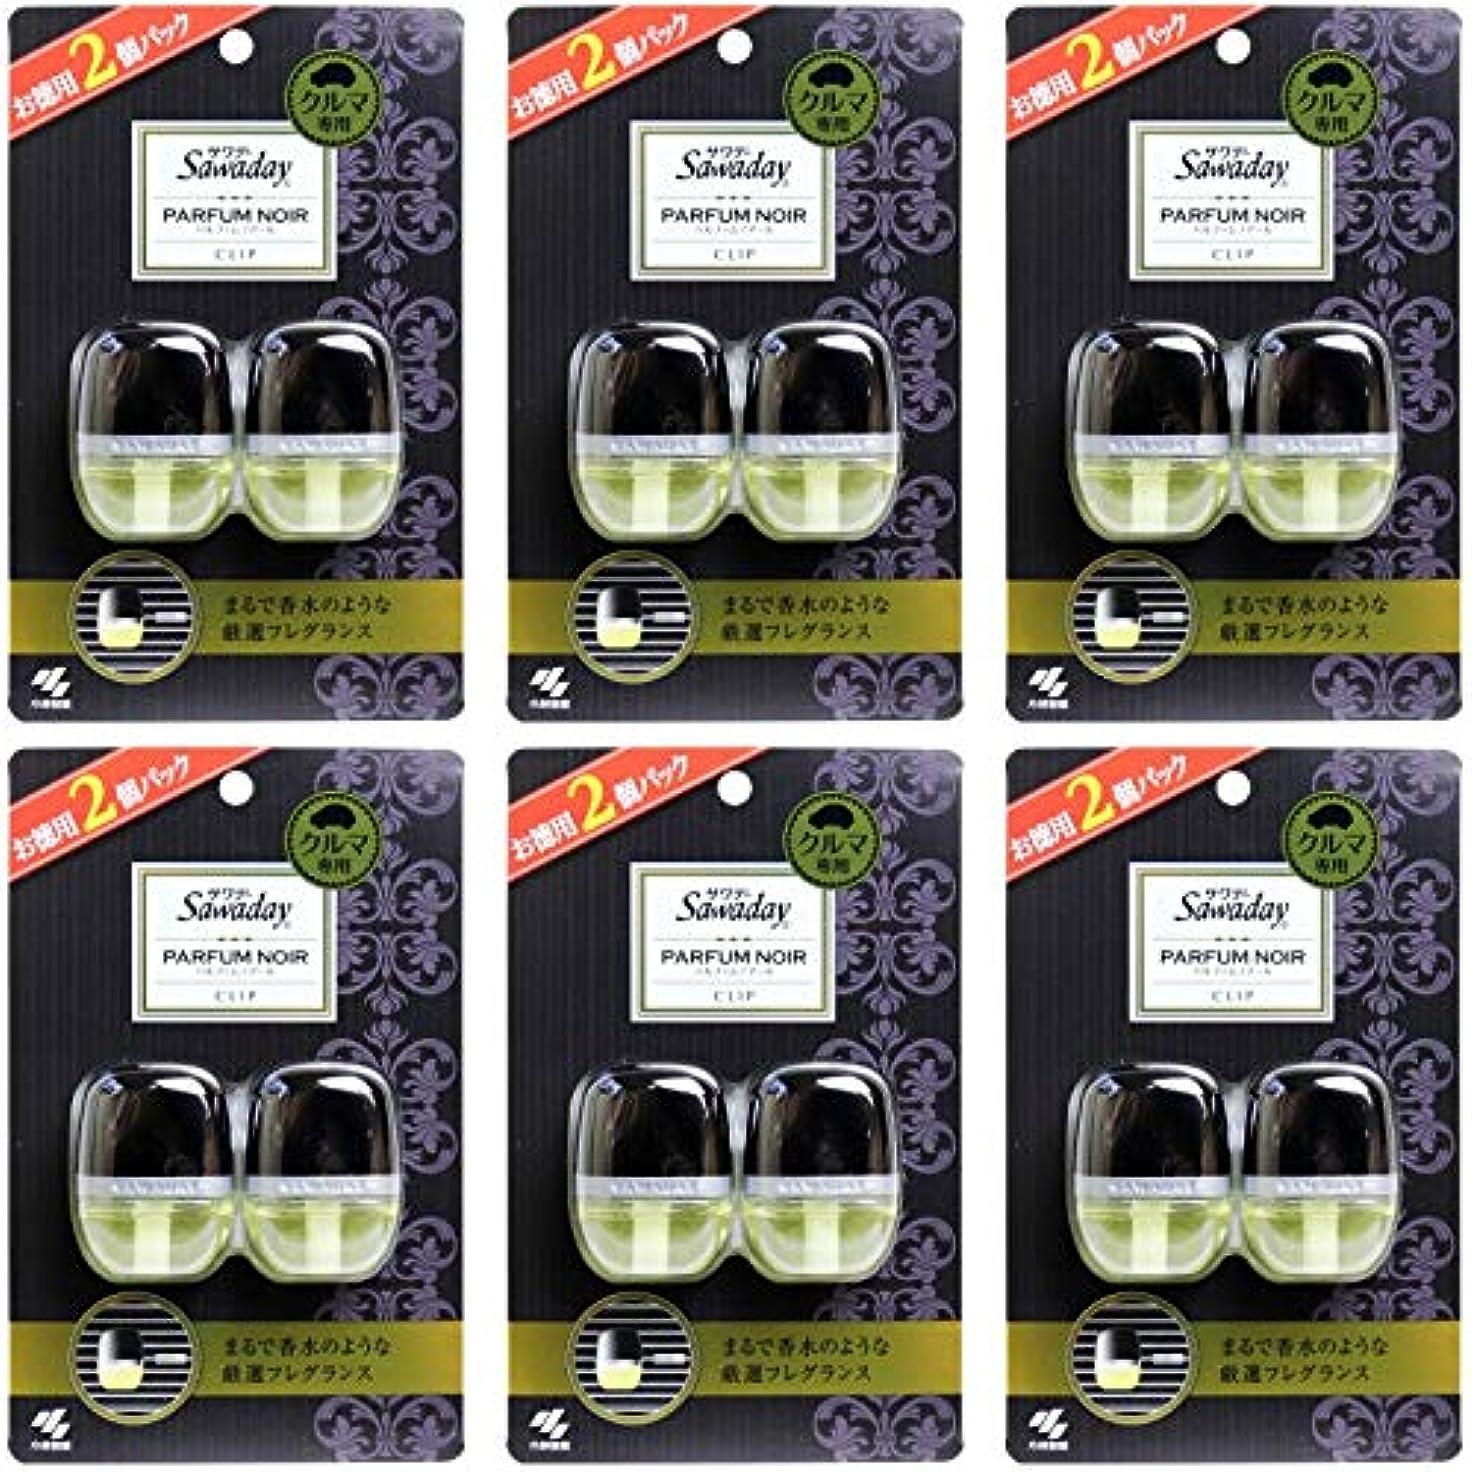 苦しむヘルメット誇張【まとめ買い】小林製薬 サワデー 車用 消臭芳香剤 クリップタイプ パルファムノアールの香り 6ml×2個パック【×6個】